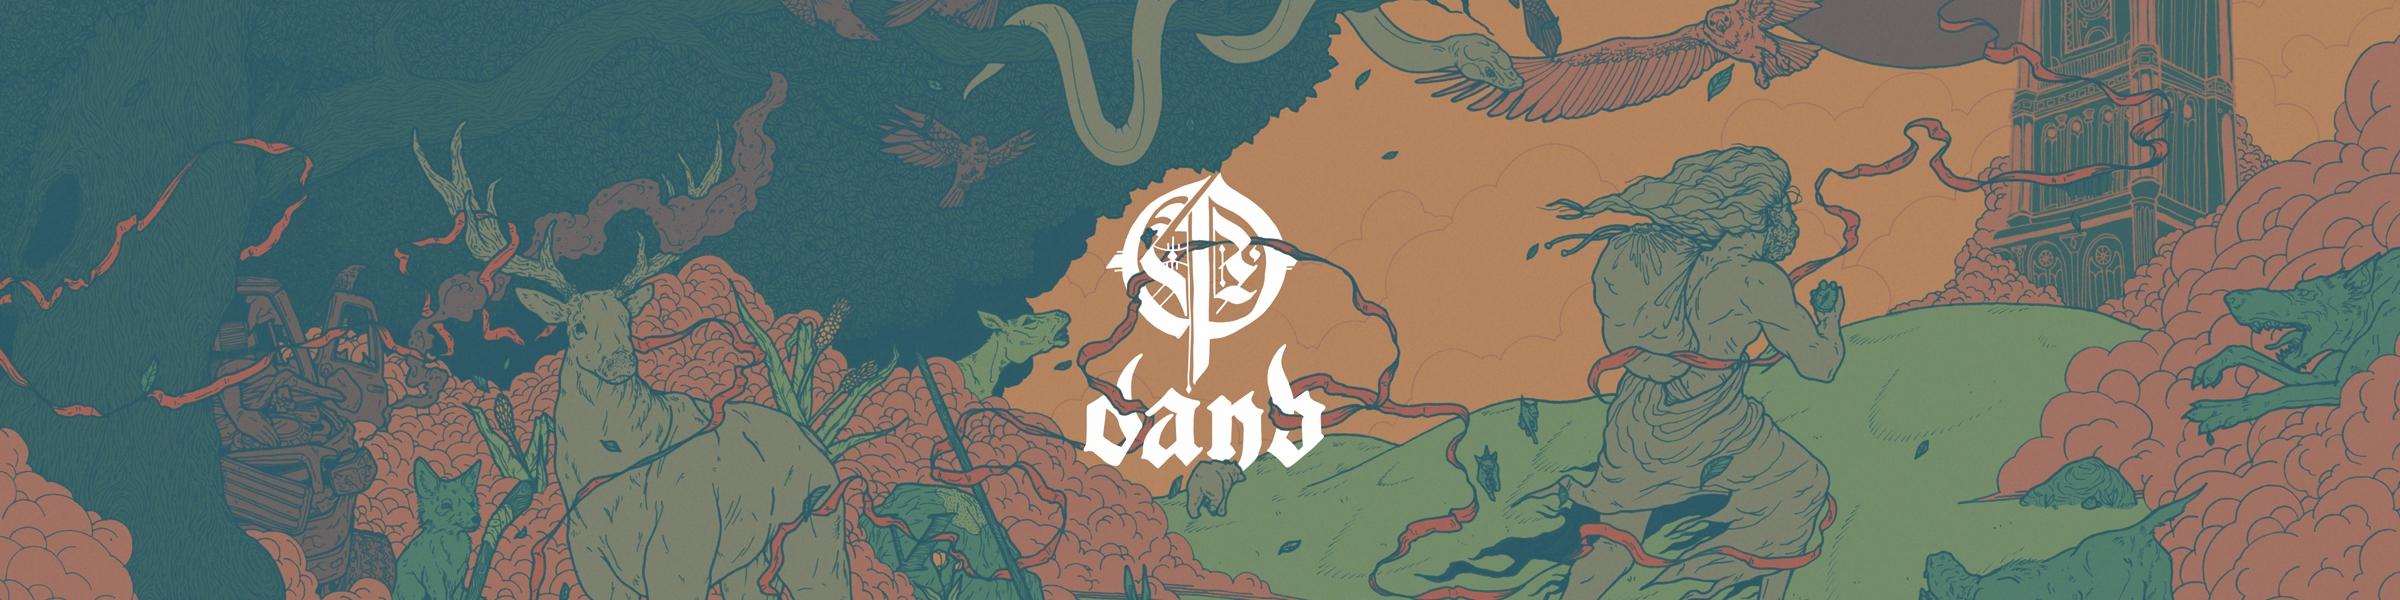 danb (@danb-design) Cover Image